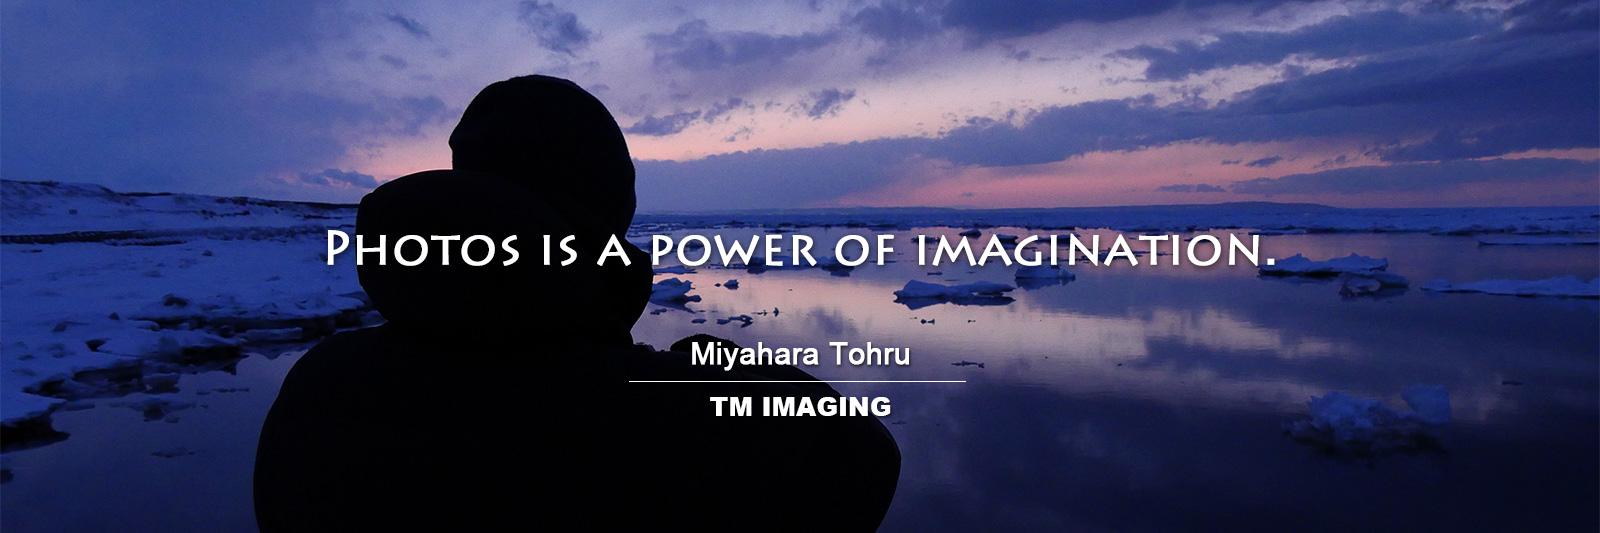 Portfolio of Miyahara Tohru @ TM IMAGING